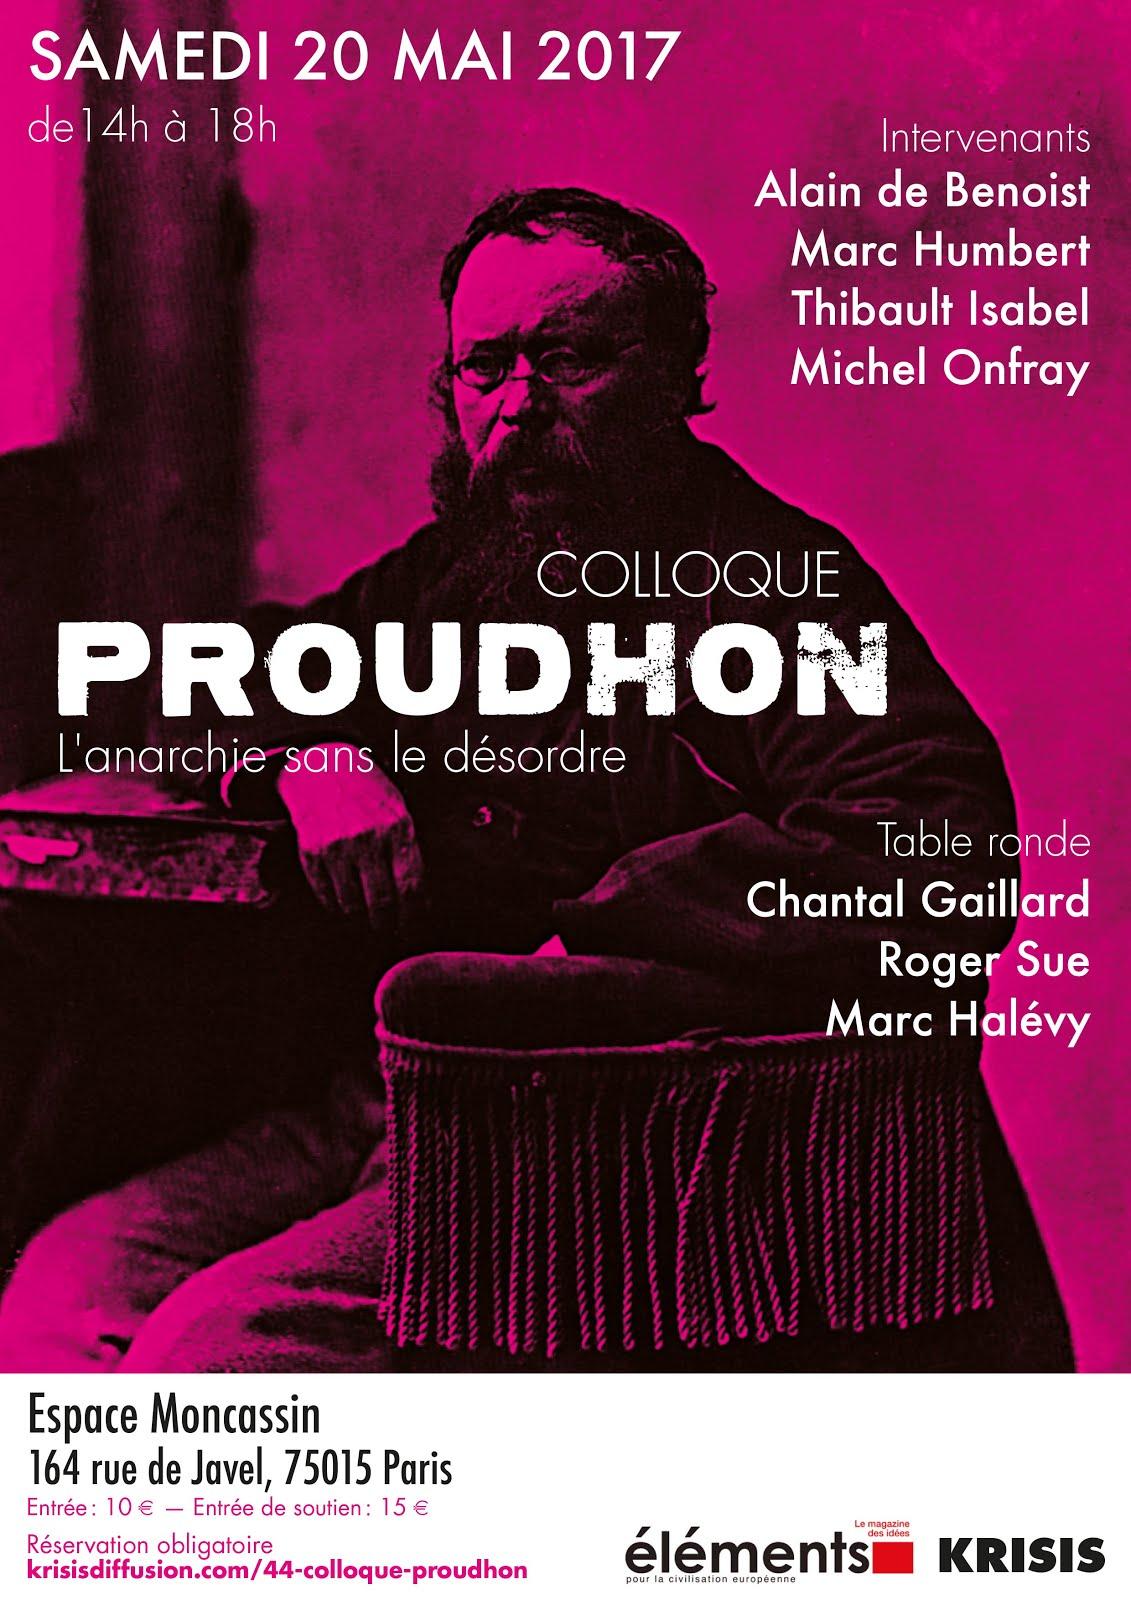 Découvrez les photos du colloque Proudhon